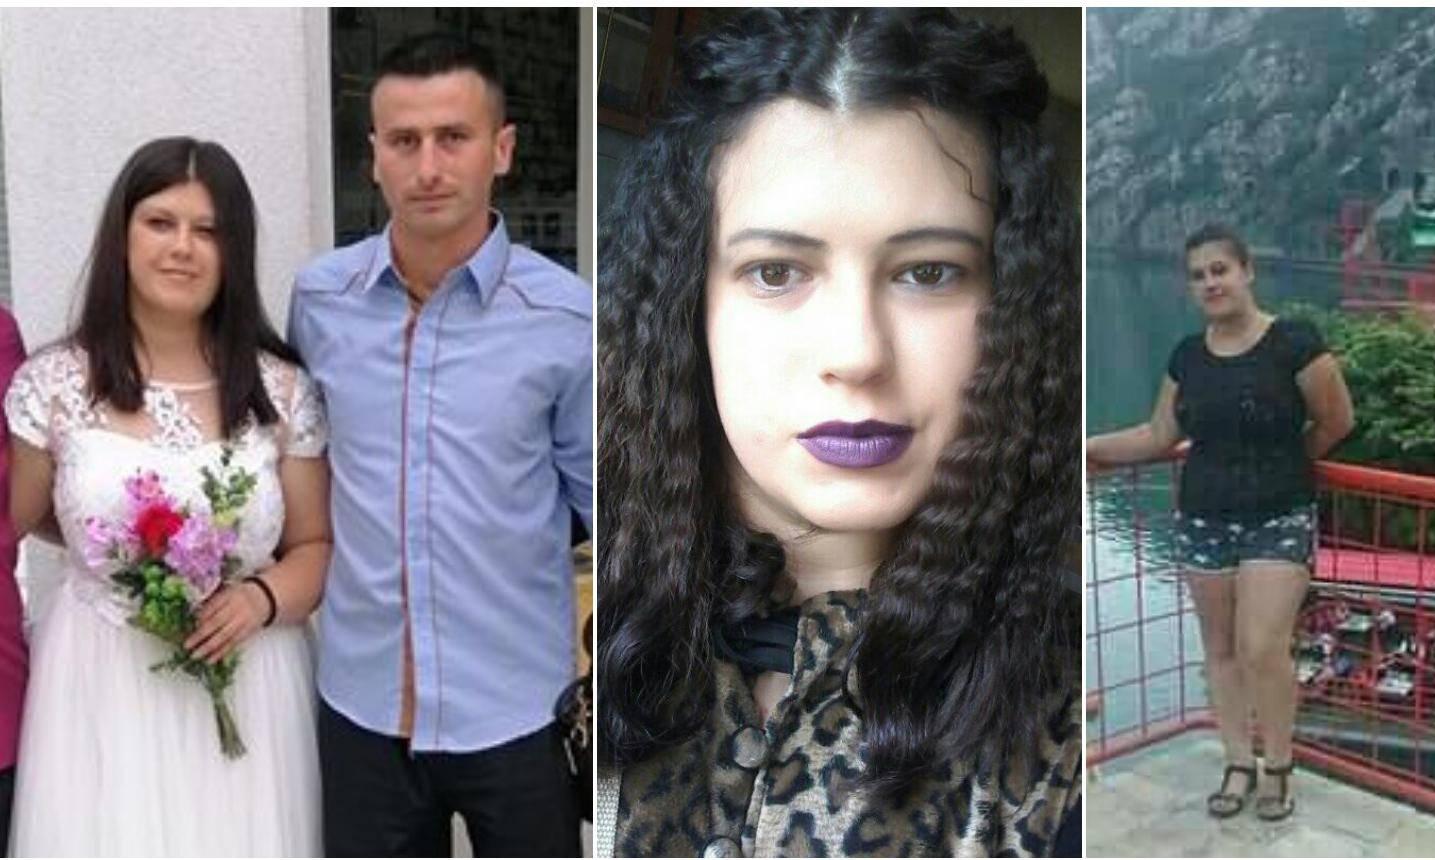 Udala se za Dušana pa postala 'zvijezda' u BiH, svi pišu o njoj: Ako Bog da, bit će 5-ero djece